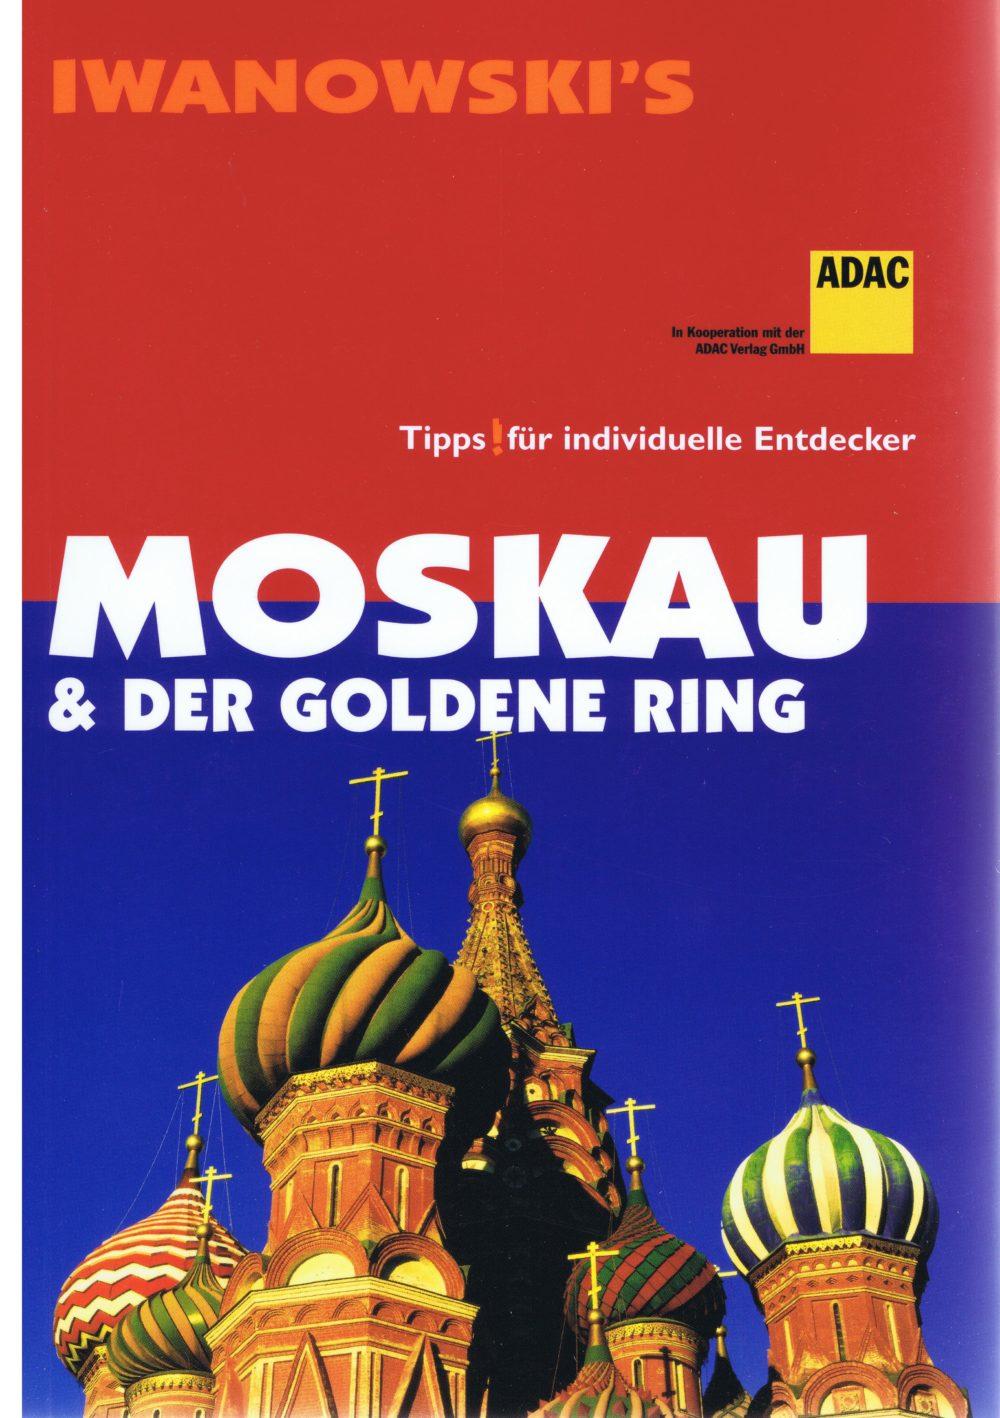 Iwanowski Moskau und der Goldene Ring 13 978-3-933041-31-9